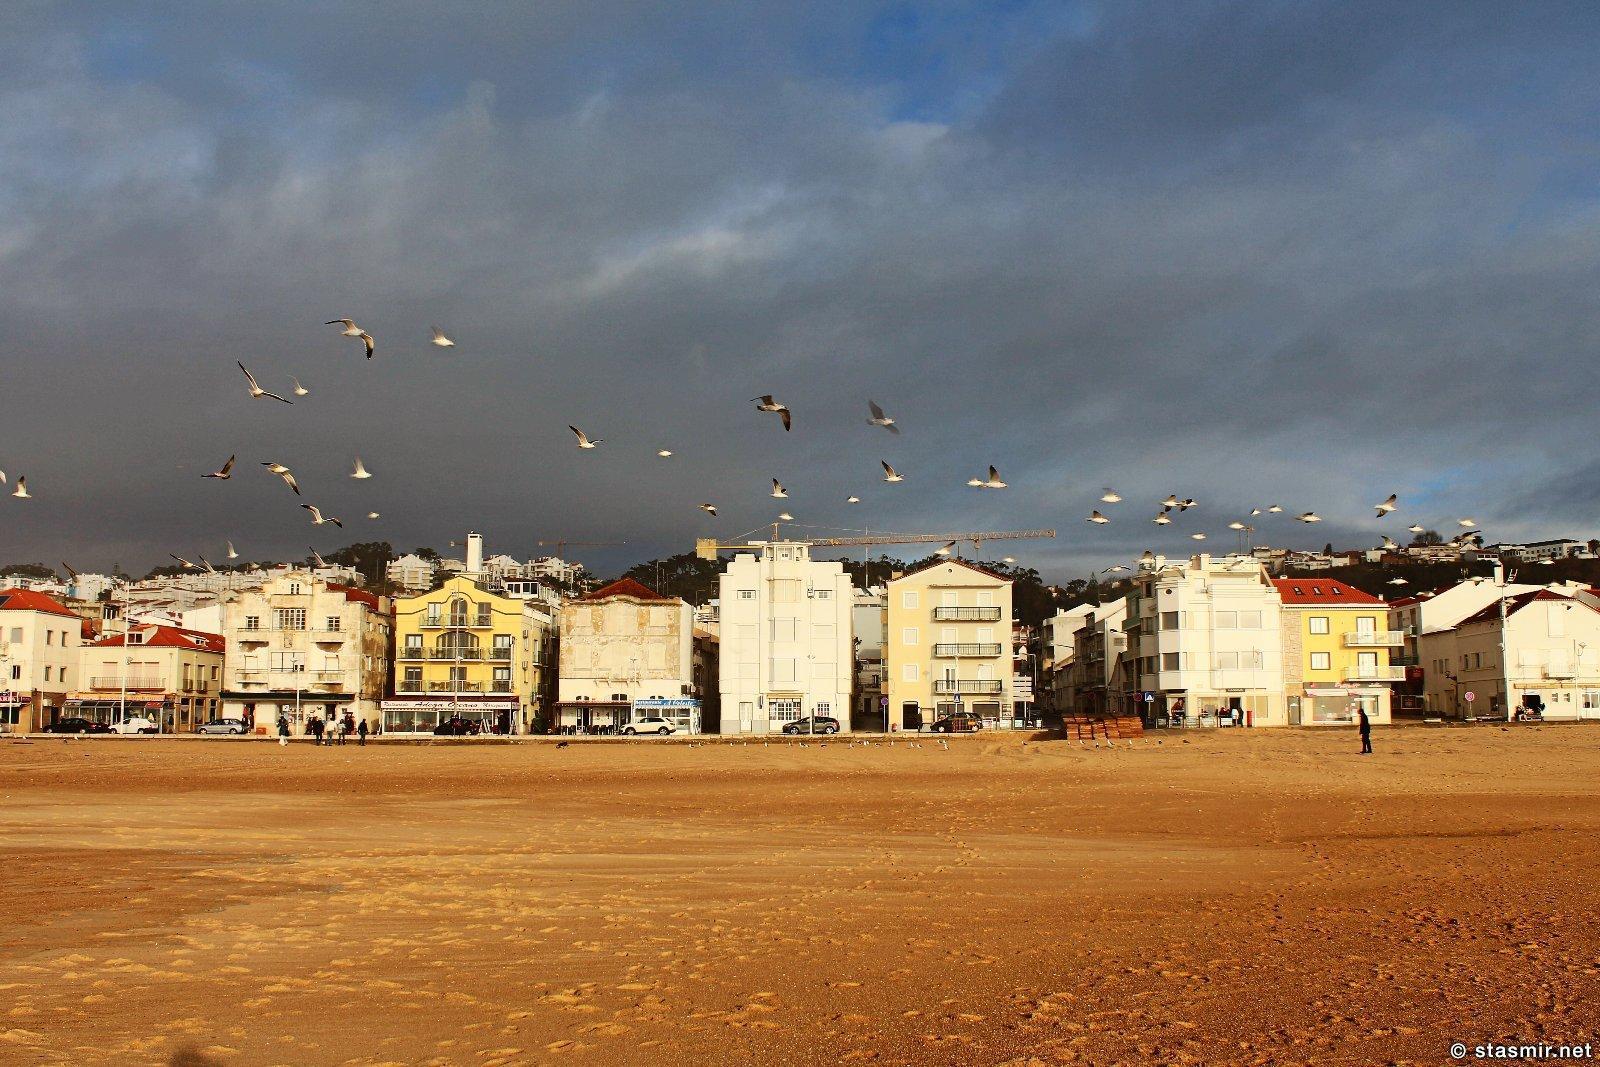 Назаре в центральной Португалии: городе песка и чаек, фото Стасмир, Photo Stasmir